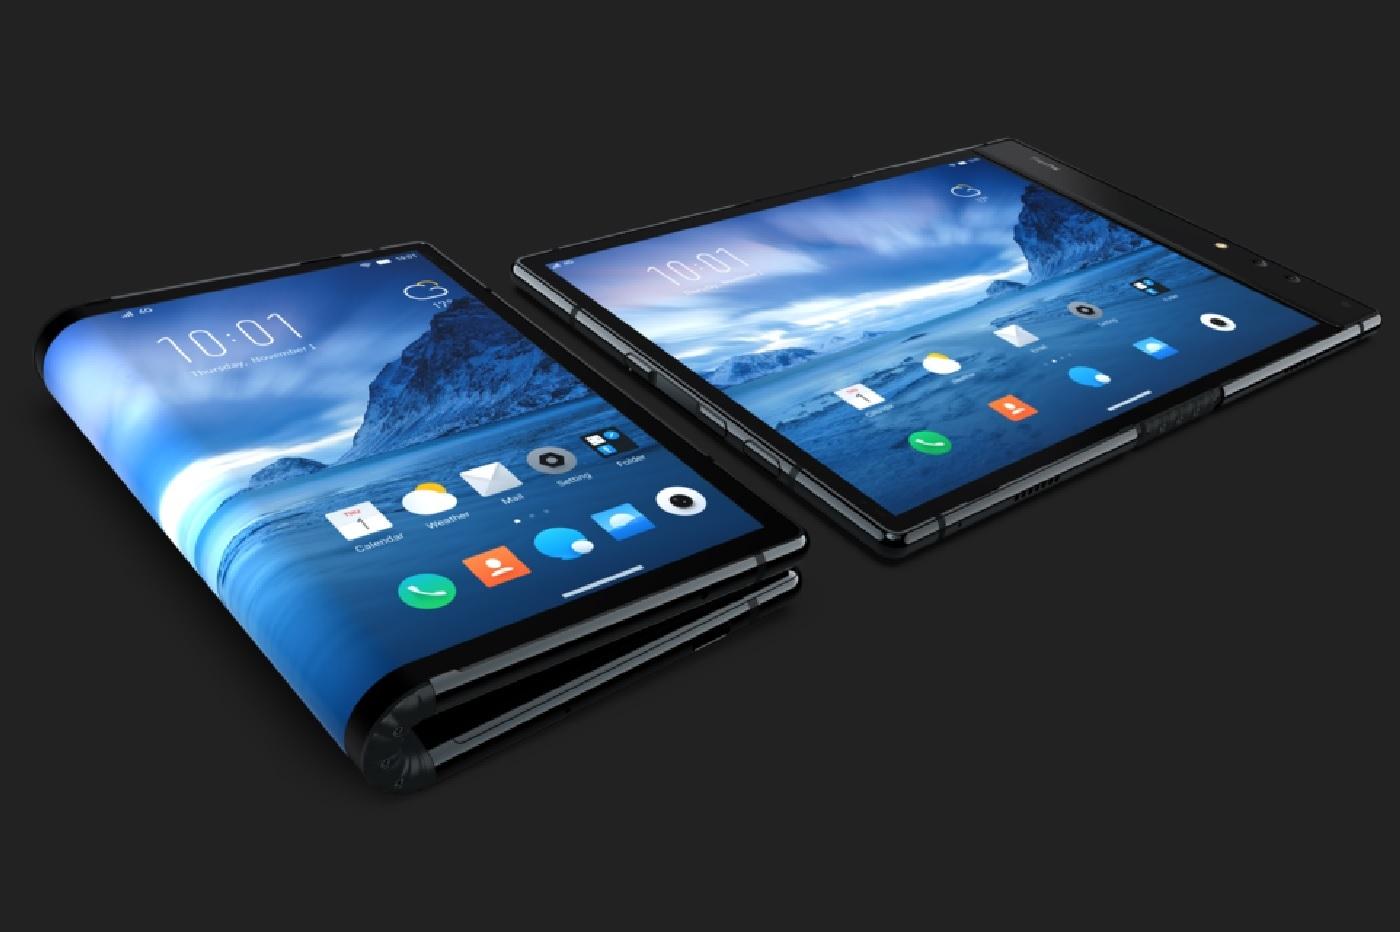 Premier smartphone pliable mondial par Royole sur fond sombre